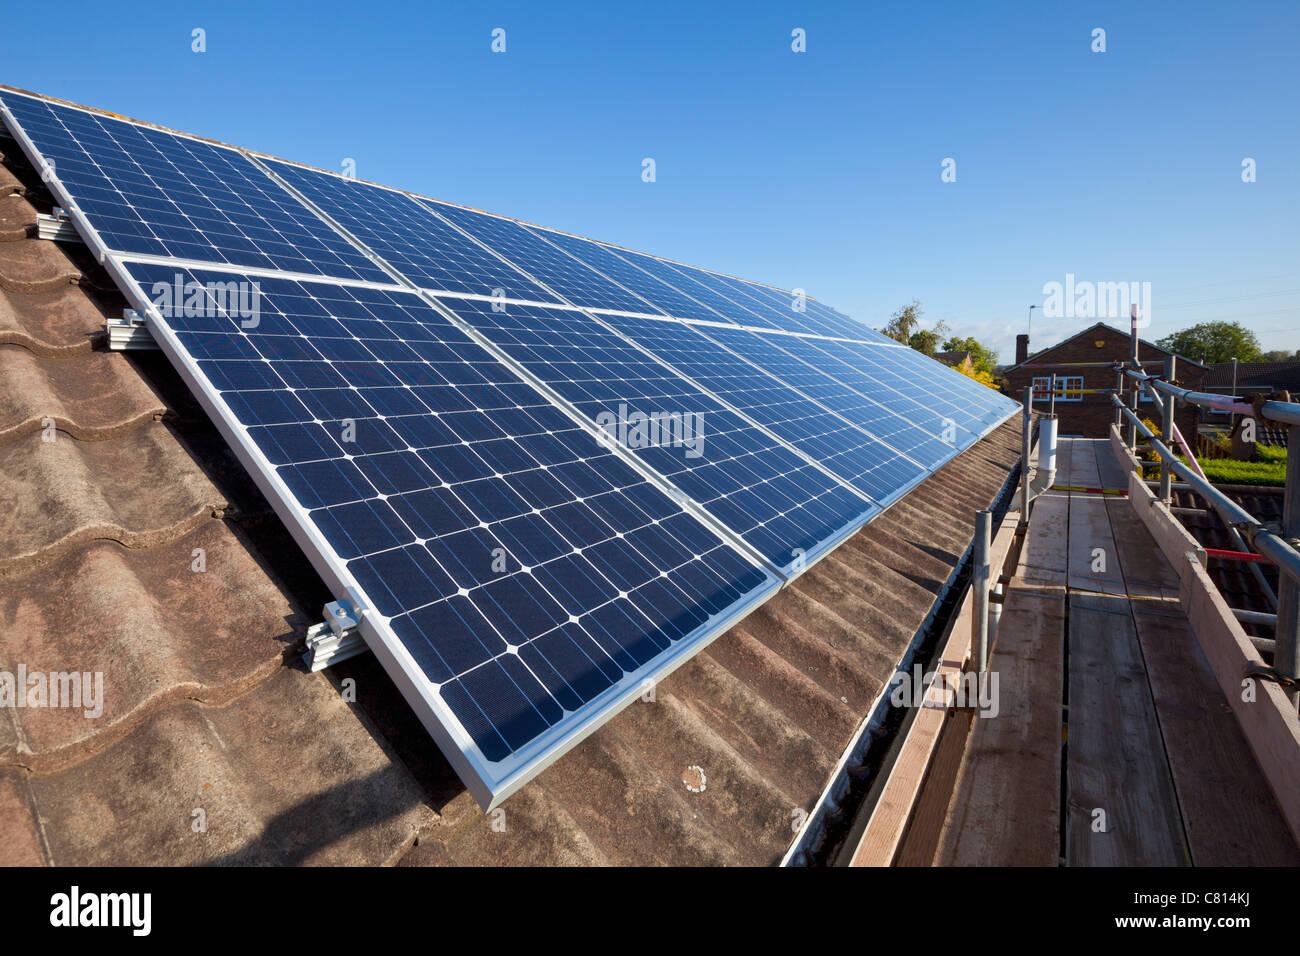 solar panels on house roof england uk gb eu europe - Stock Image